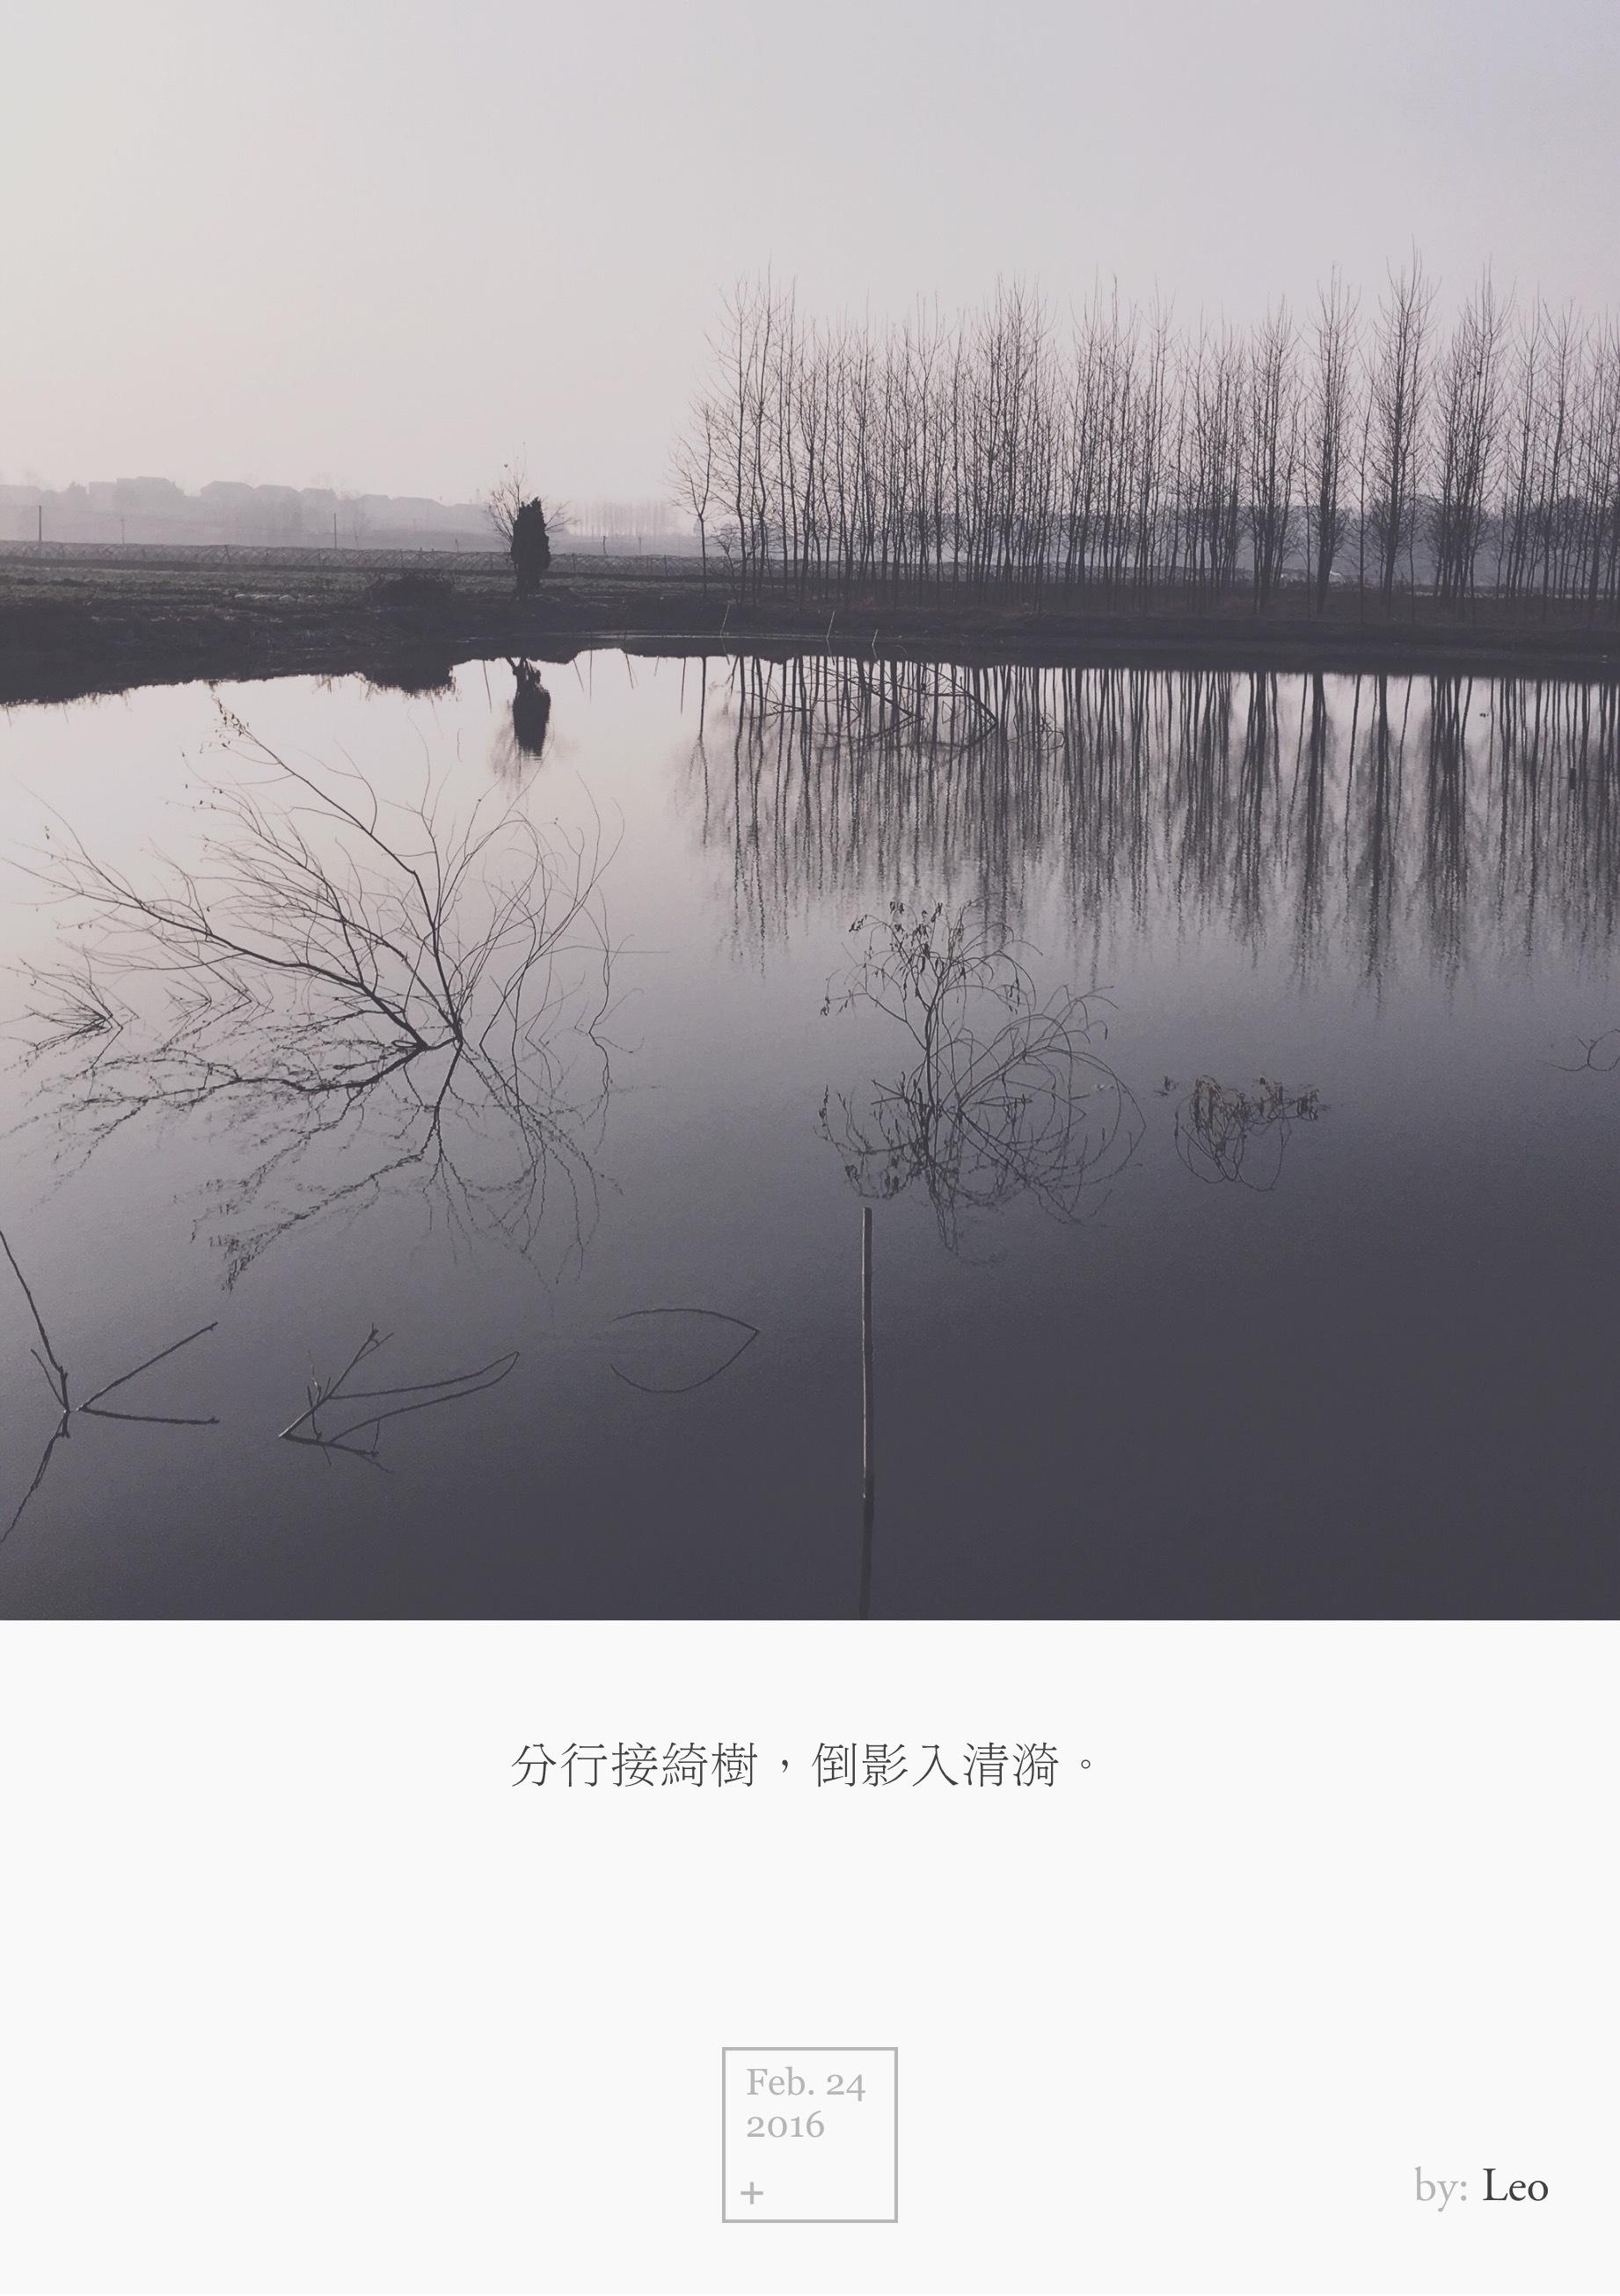 湖面倒影树木